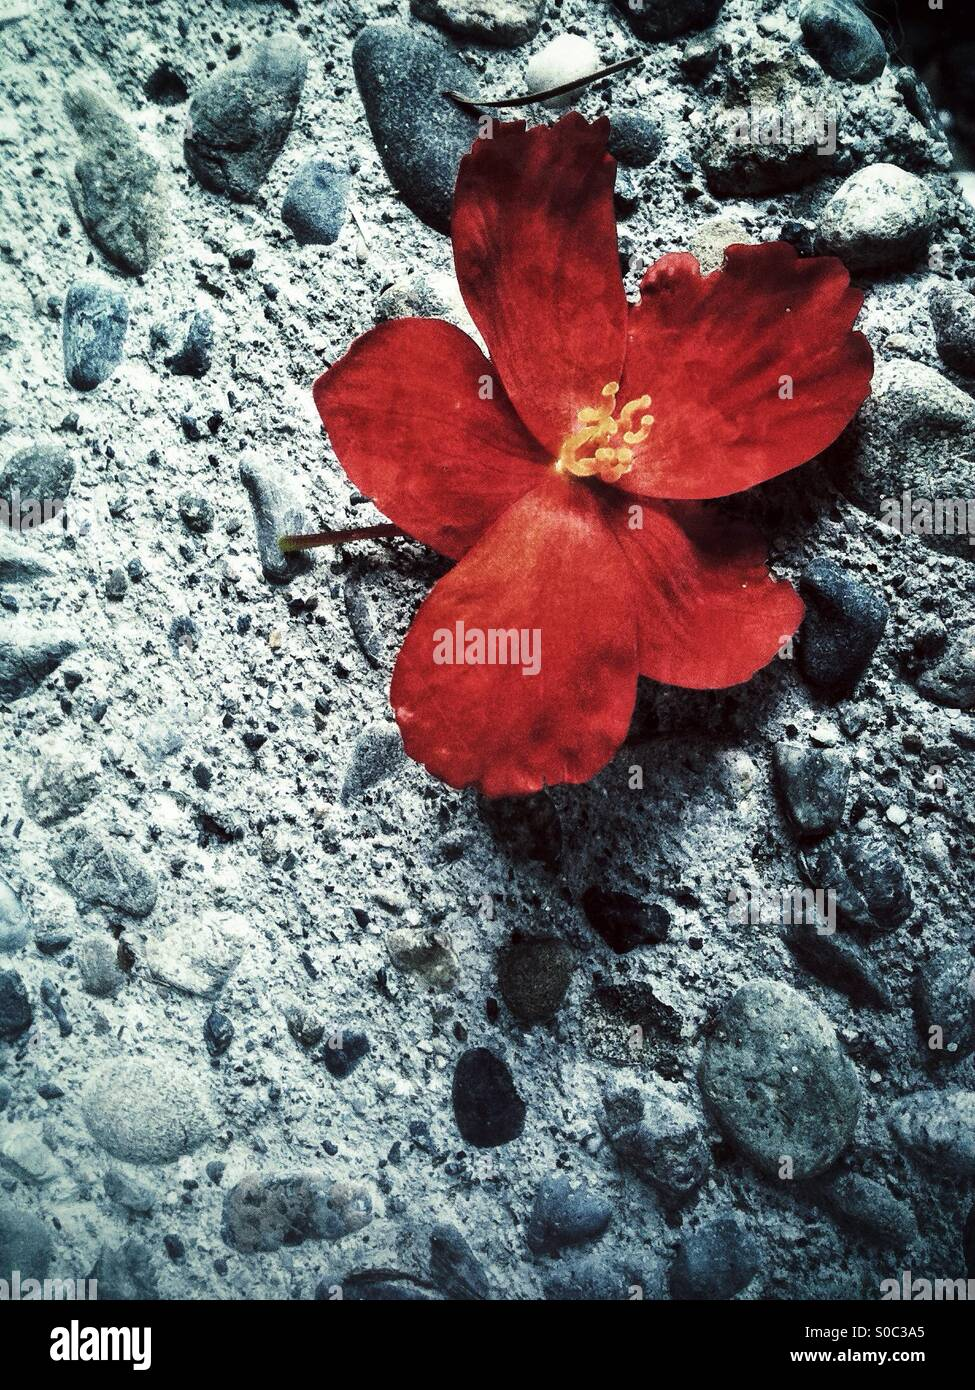 Fiore rosso su una superficie rocciosa Immagini Stock